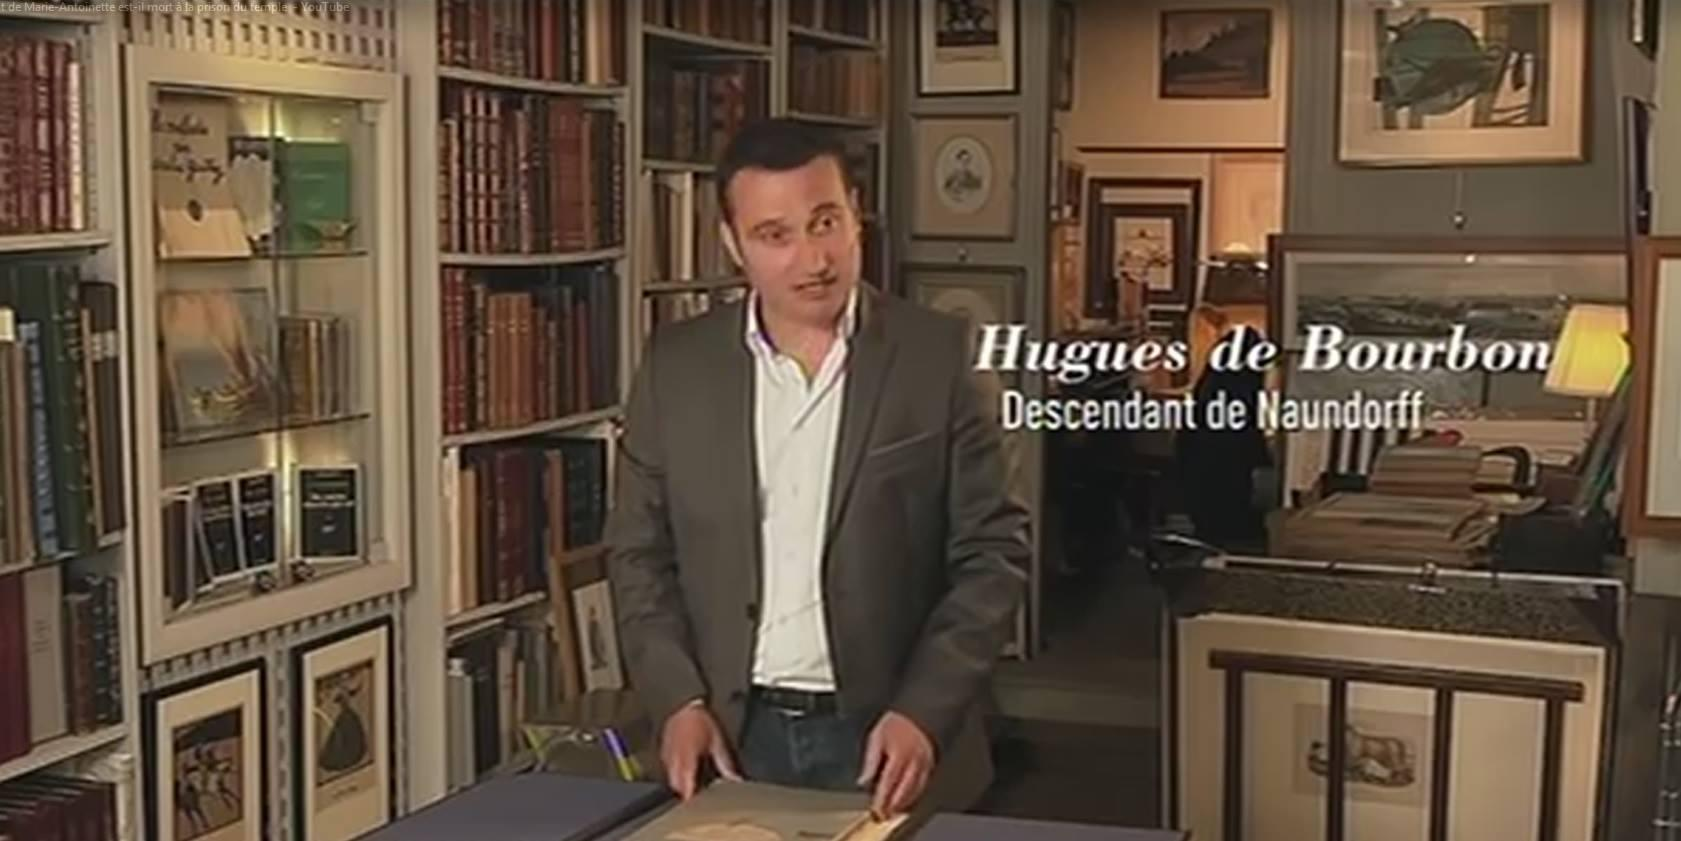 Hugues de bourbon